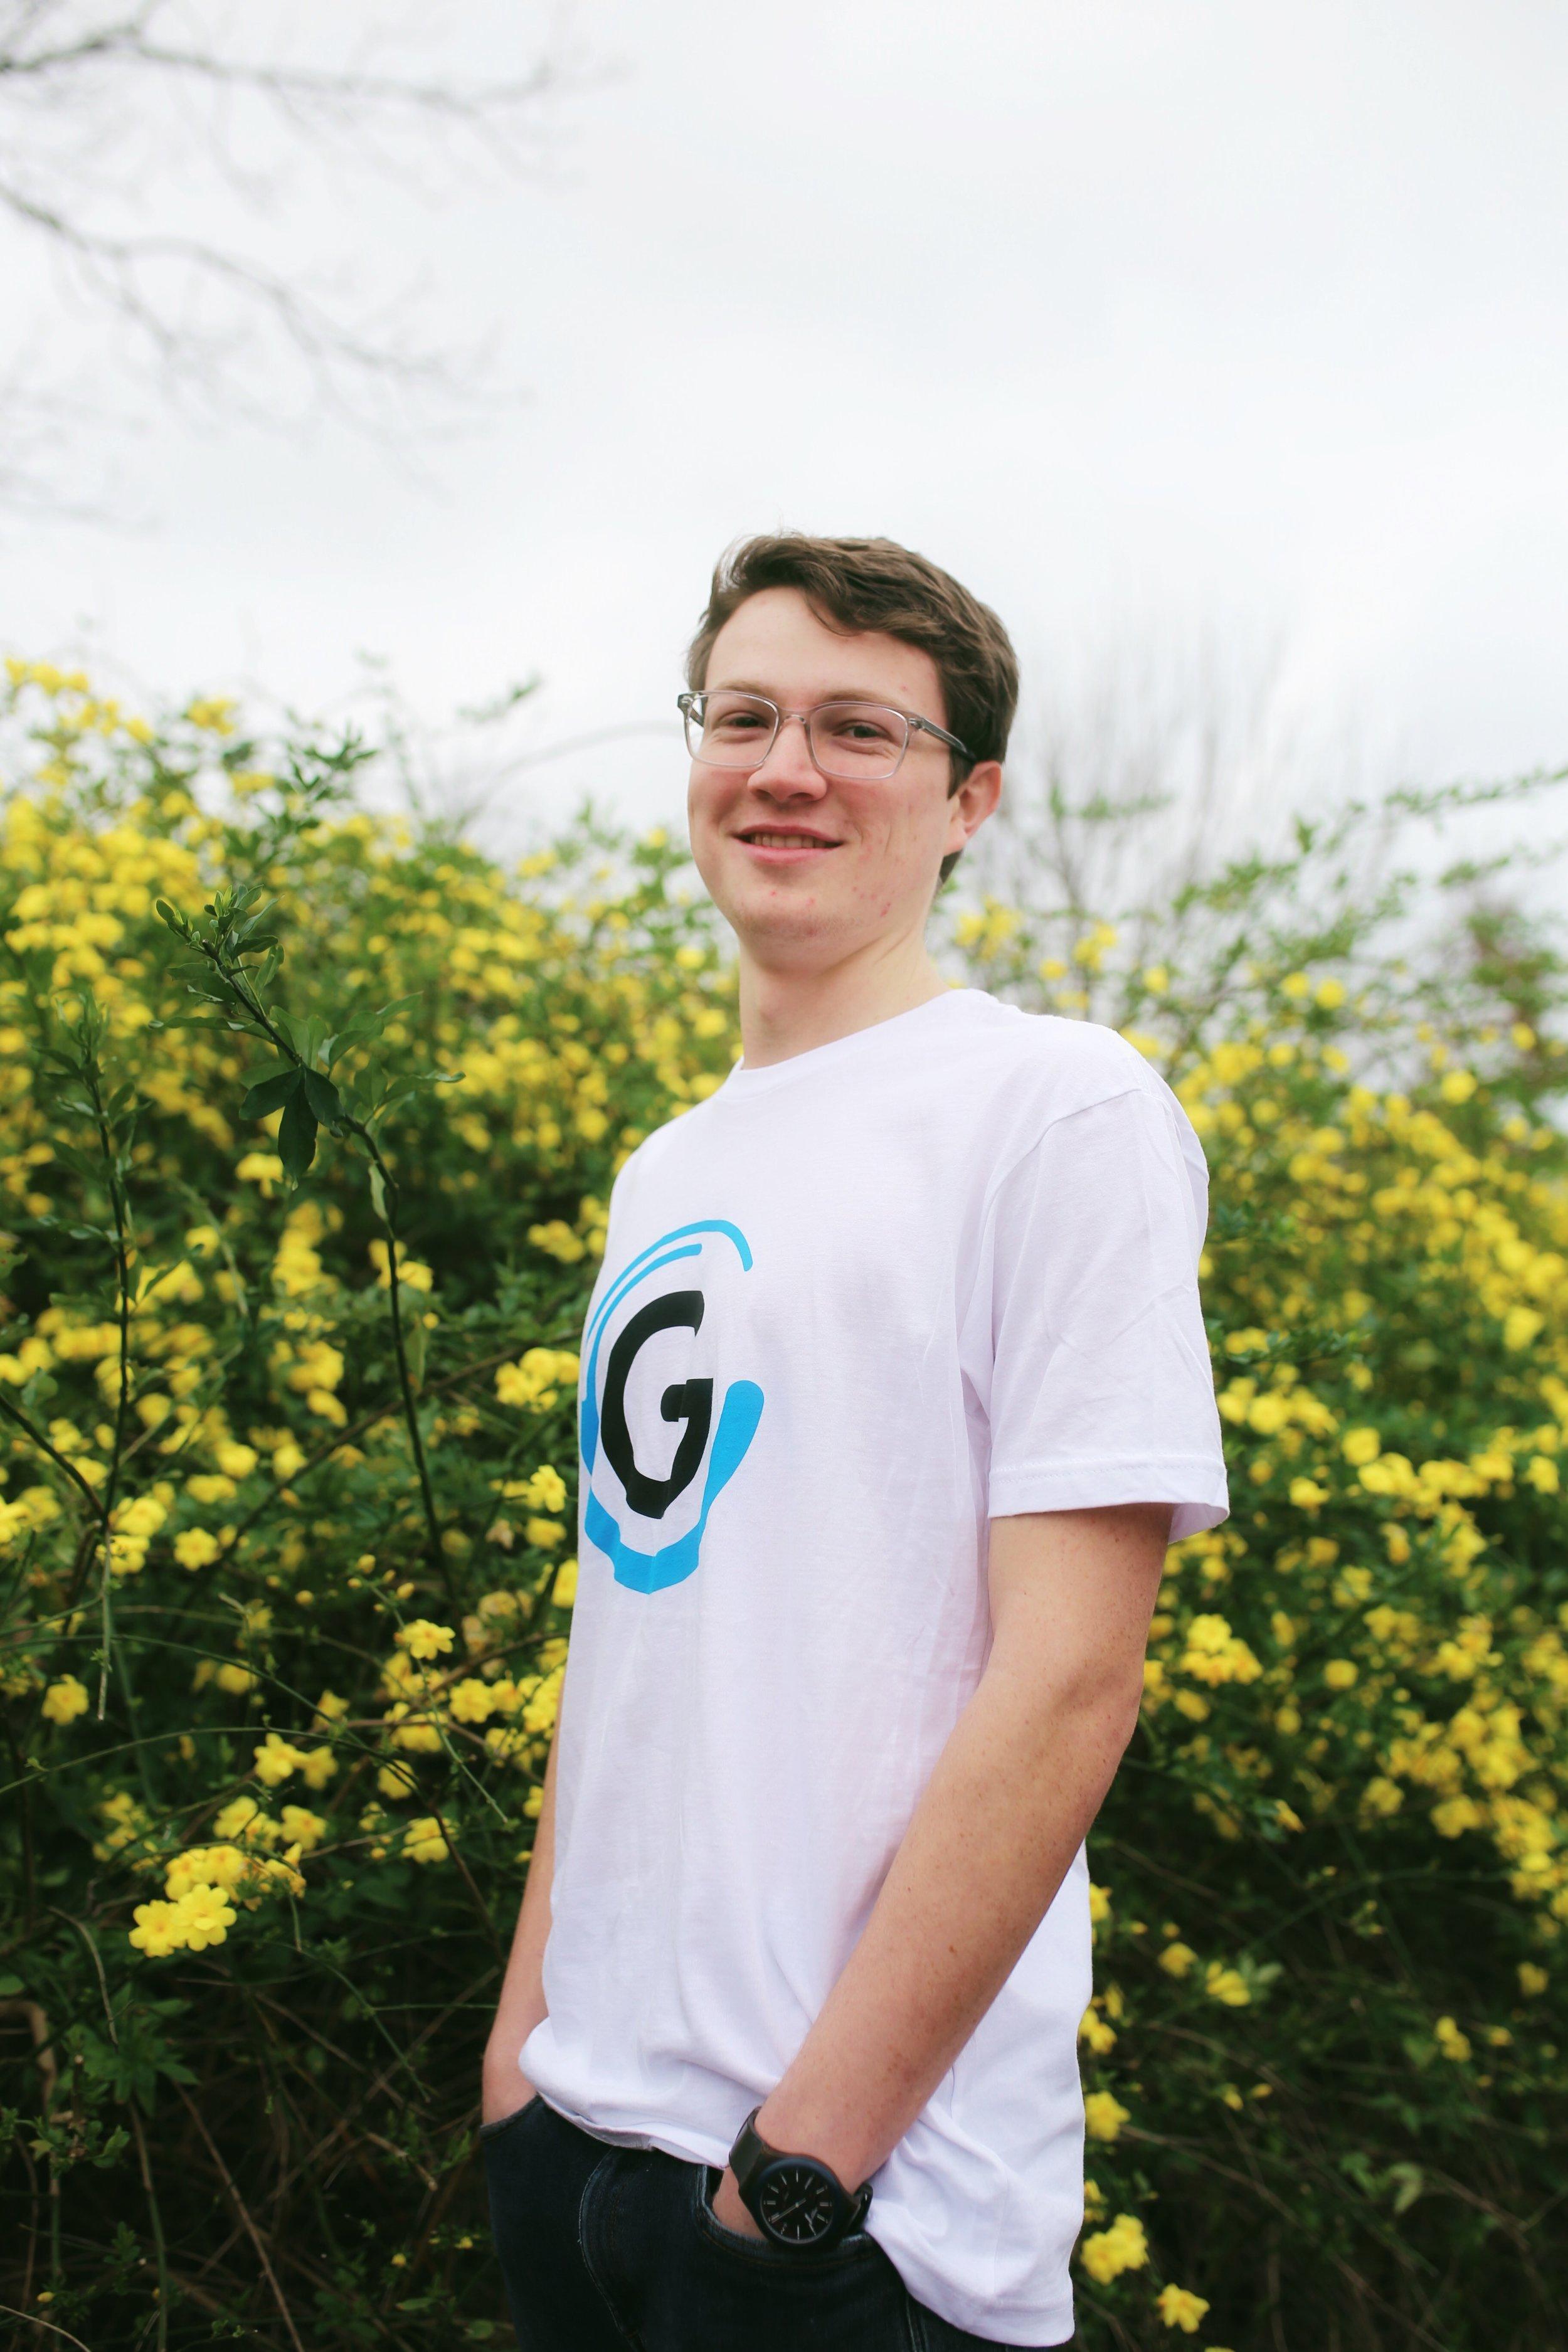 Gavin Nater